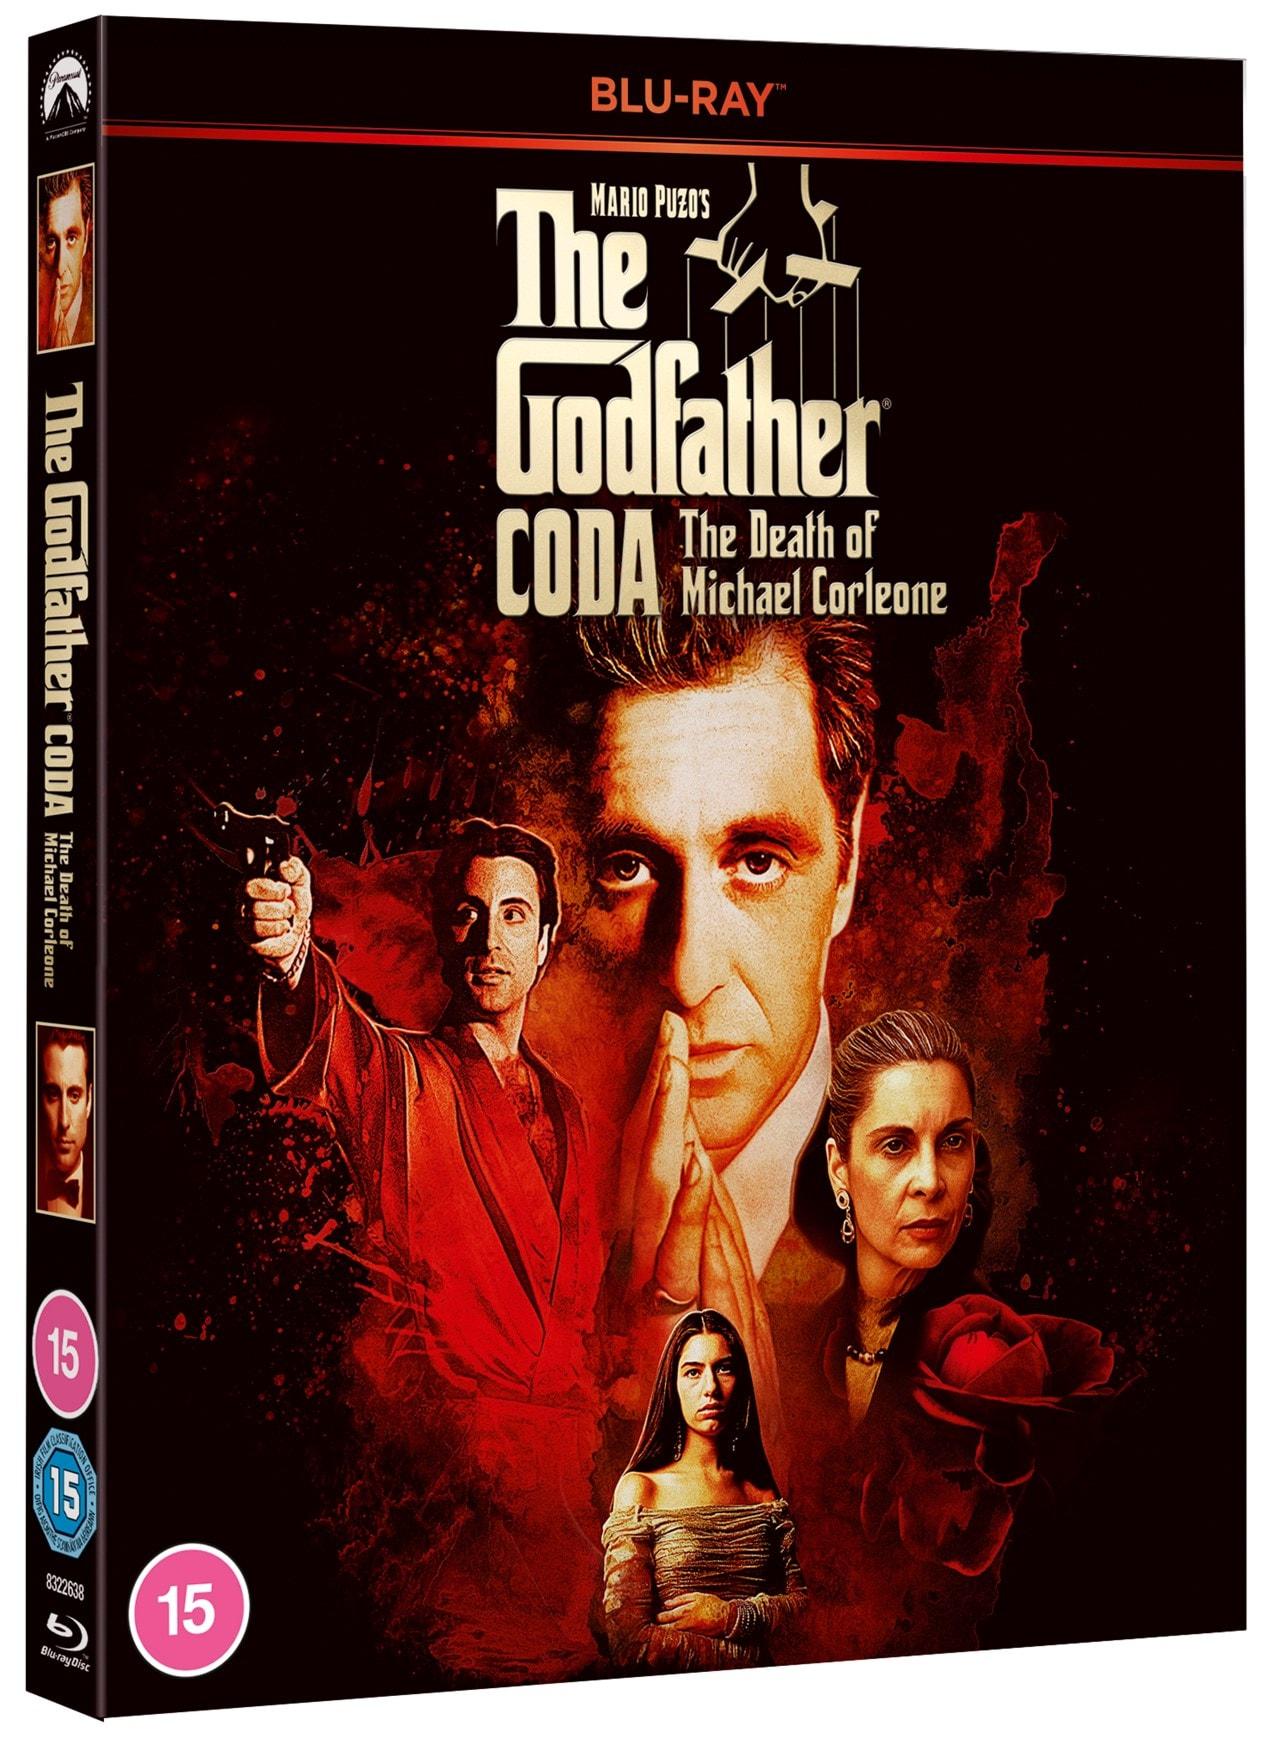 Mario Puzo's the Godfather Coda - The Death of Michael Corleone - 2